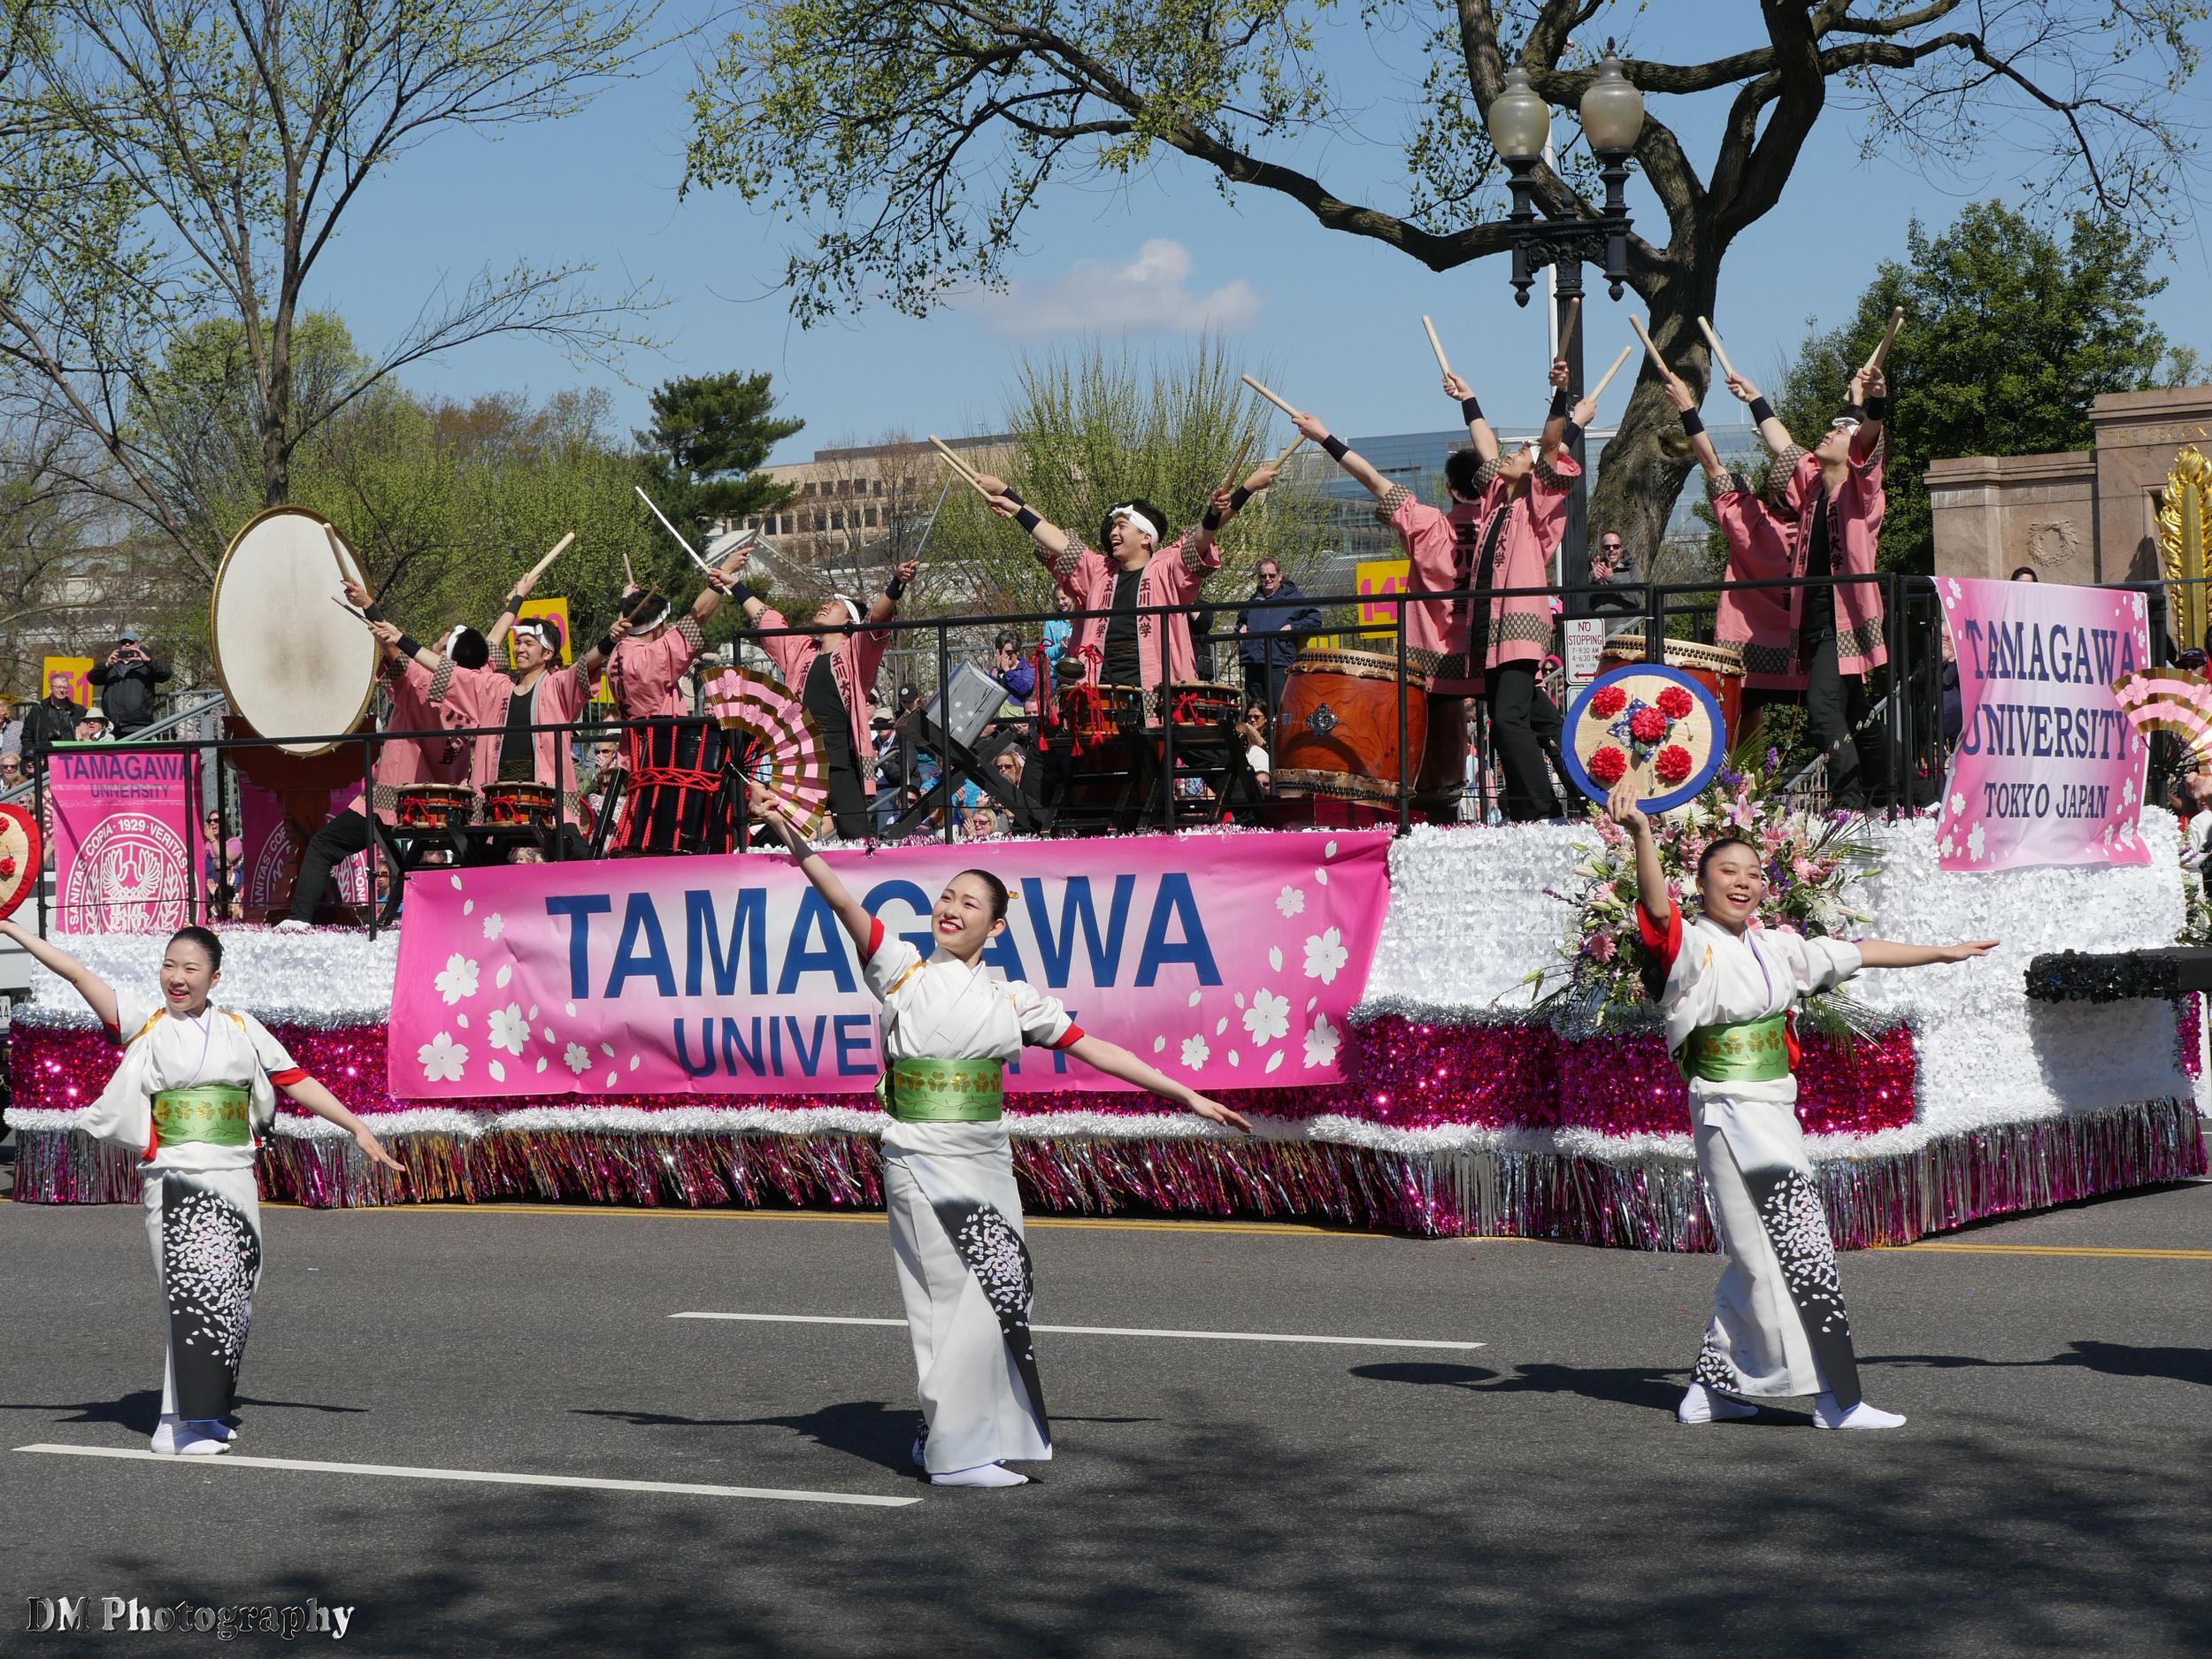 Tamagawa University Taiko Drummers & Dance troupe